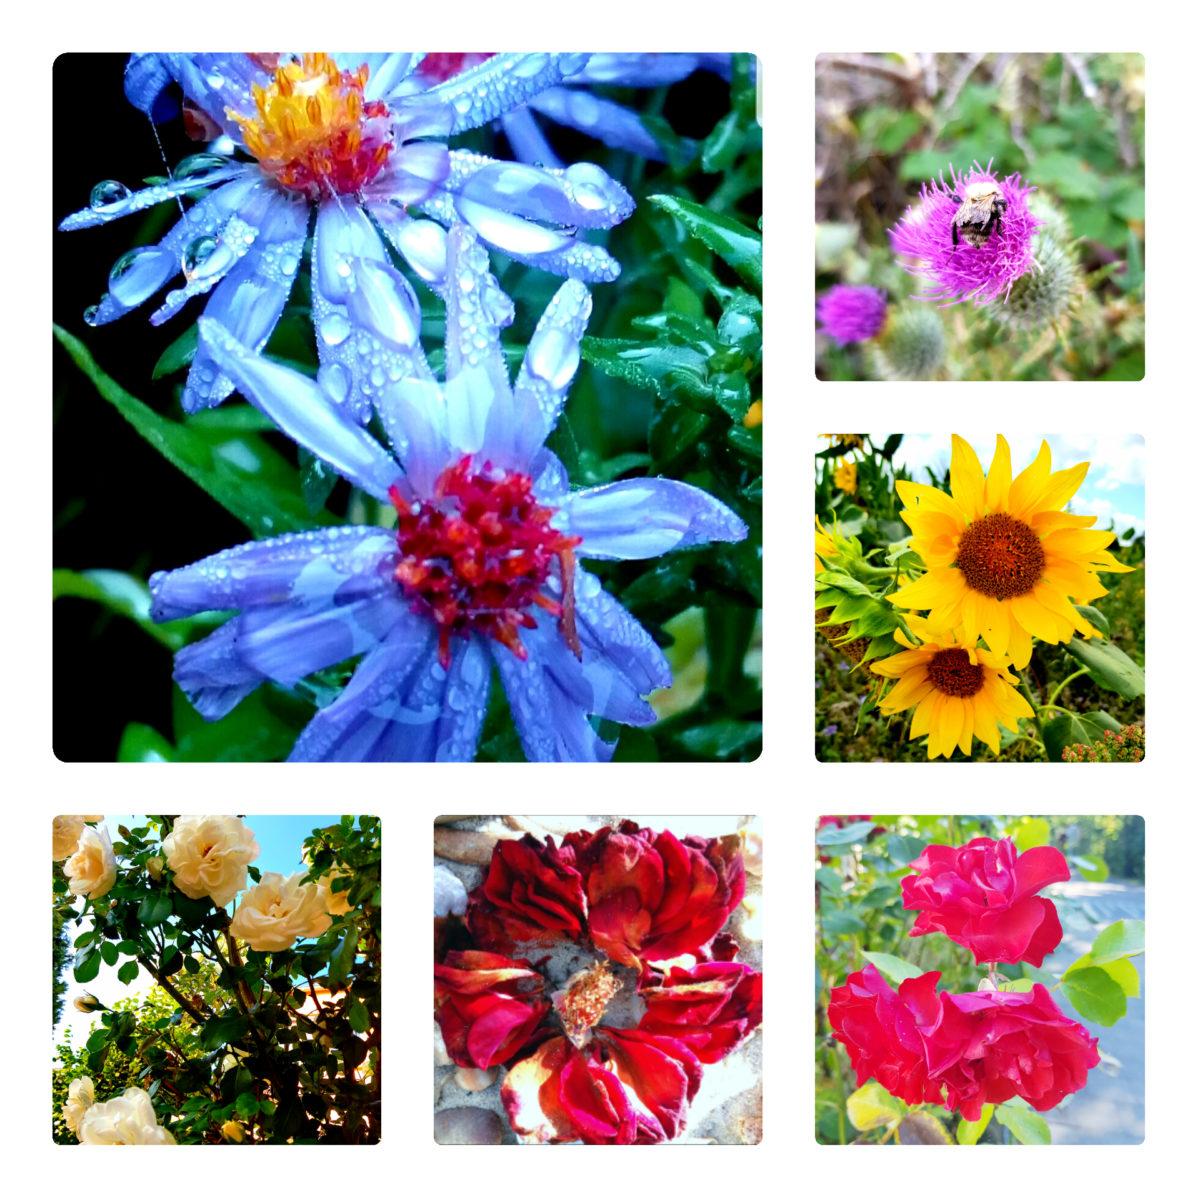 Blumen Collage-schöne Blüten- Sonnenblume-Hummel-Insekten-Rosen